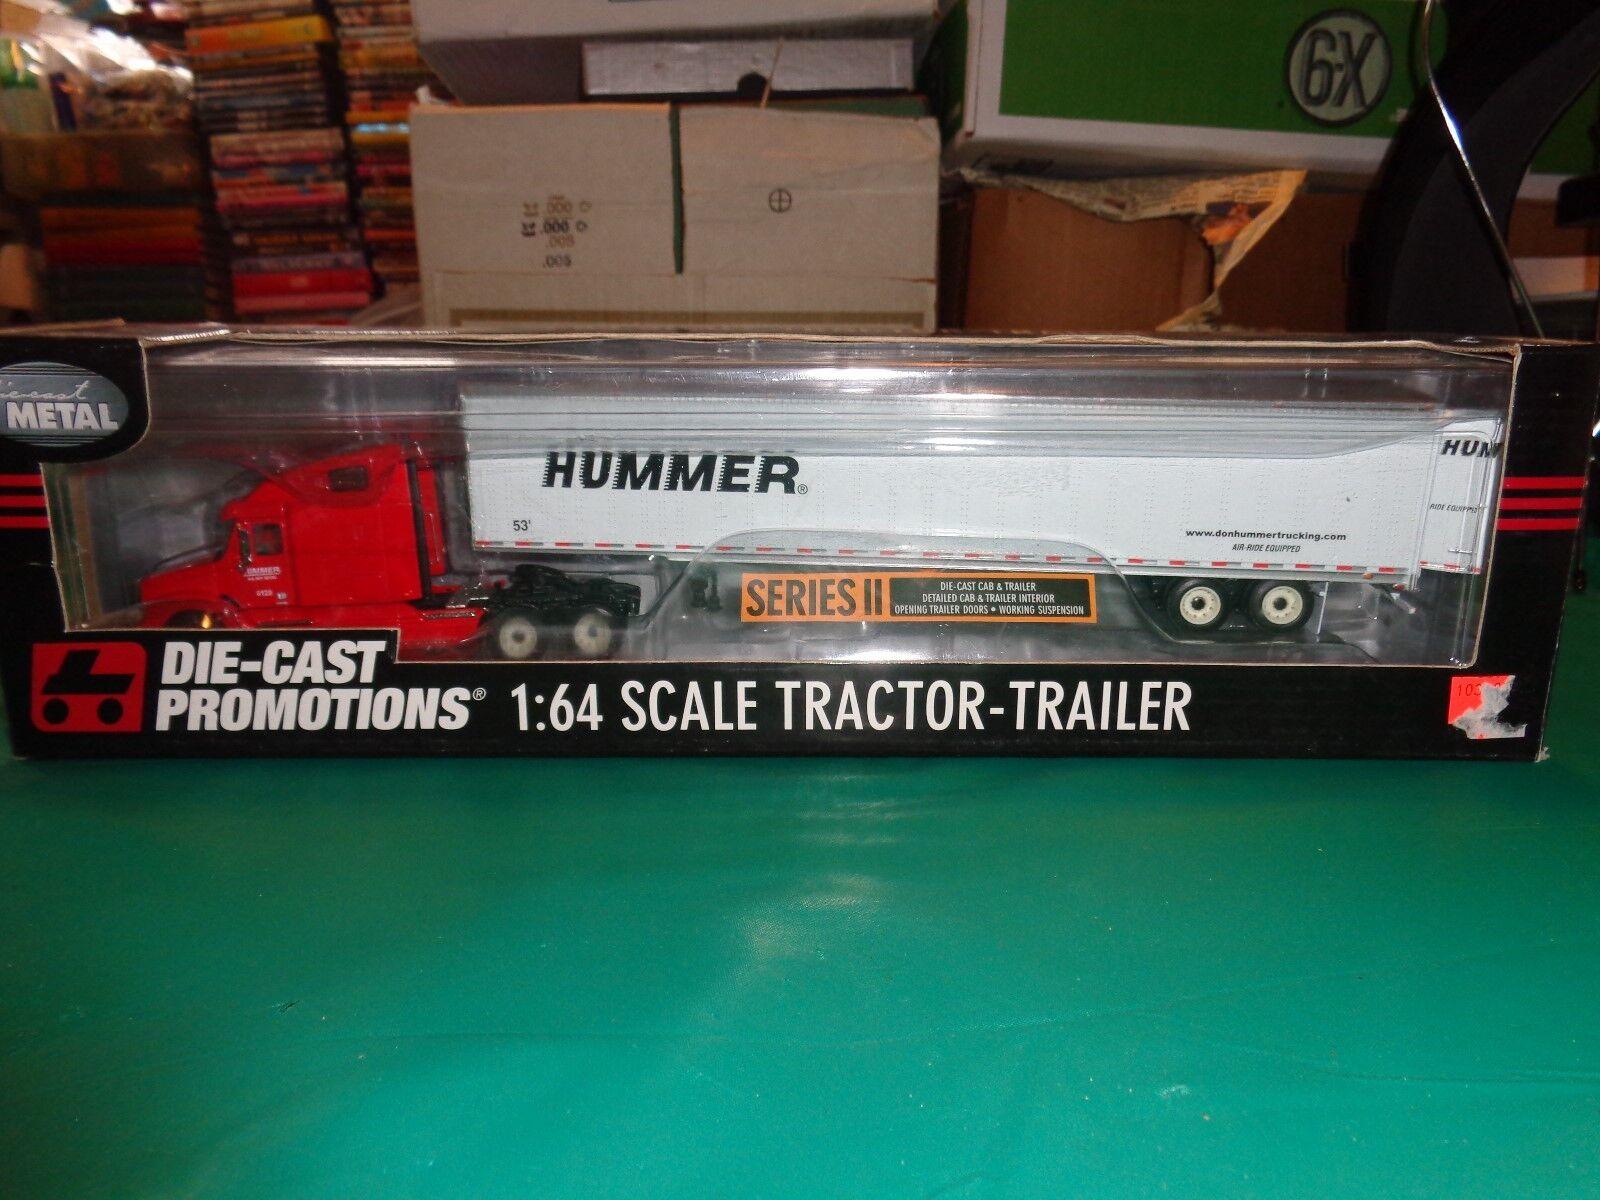 ERTL DIE CAST Promotions Don Hummer CAMION SEMI tracteur remorque échelle 1 64